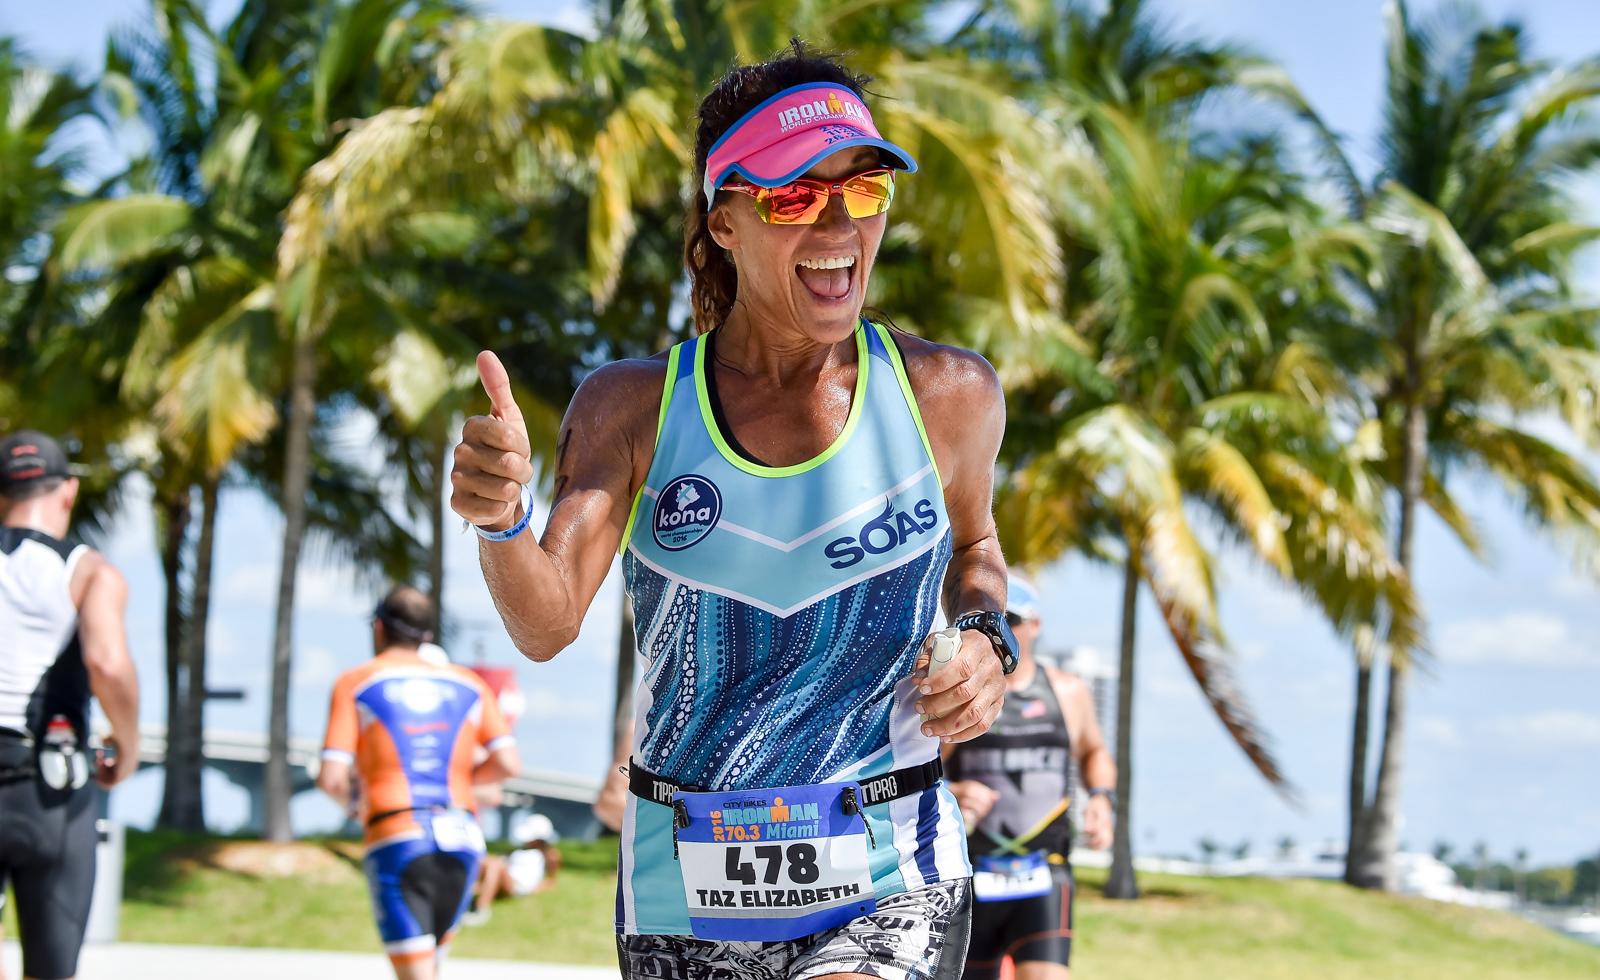 Calendário 2019 de corridas e maratonas em Miami  b9fe8f794c8d8